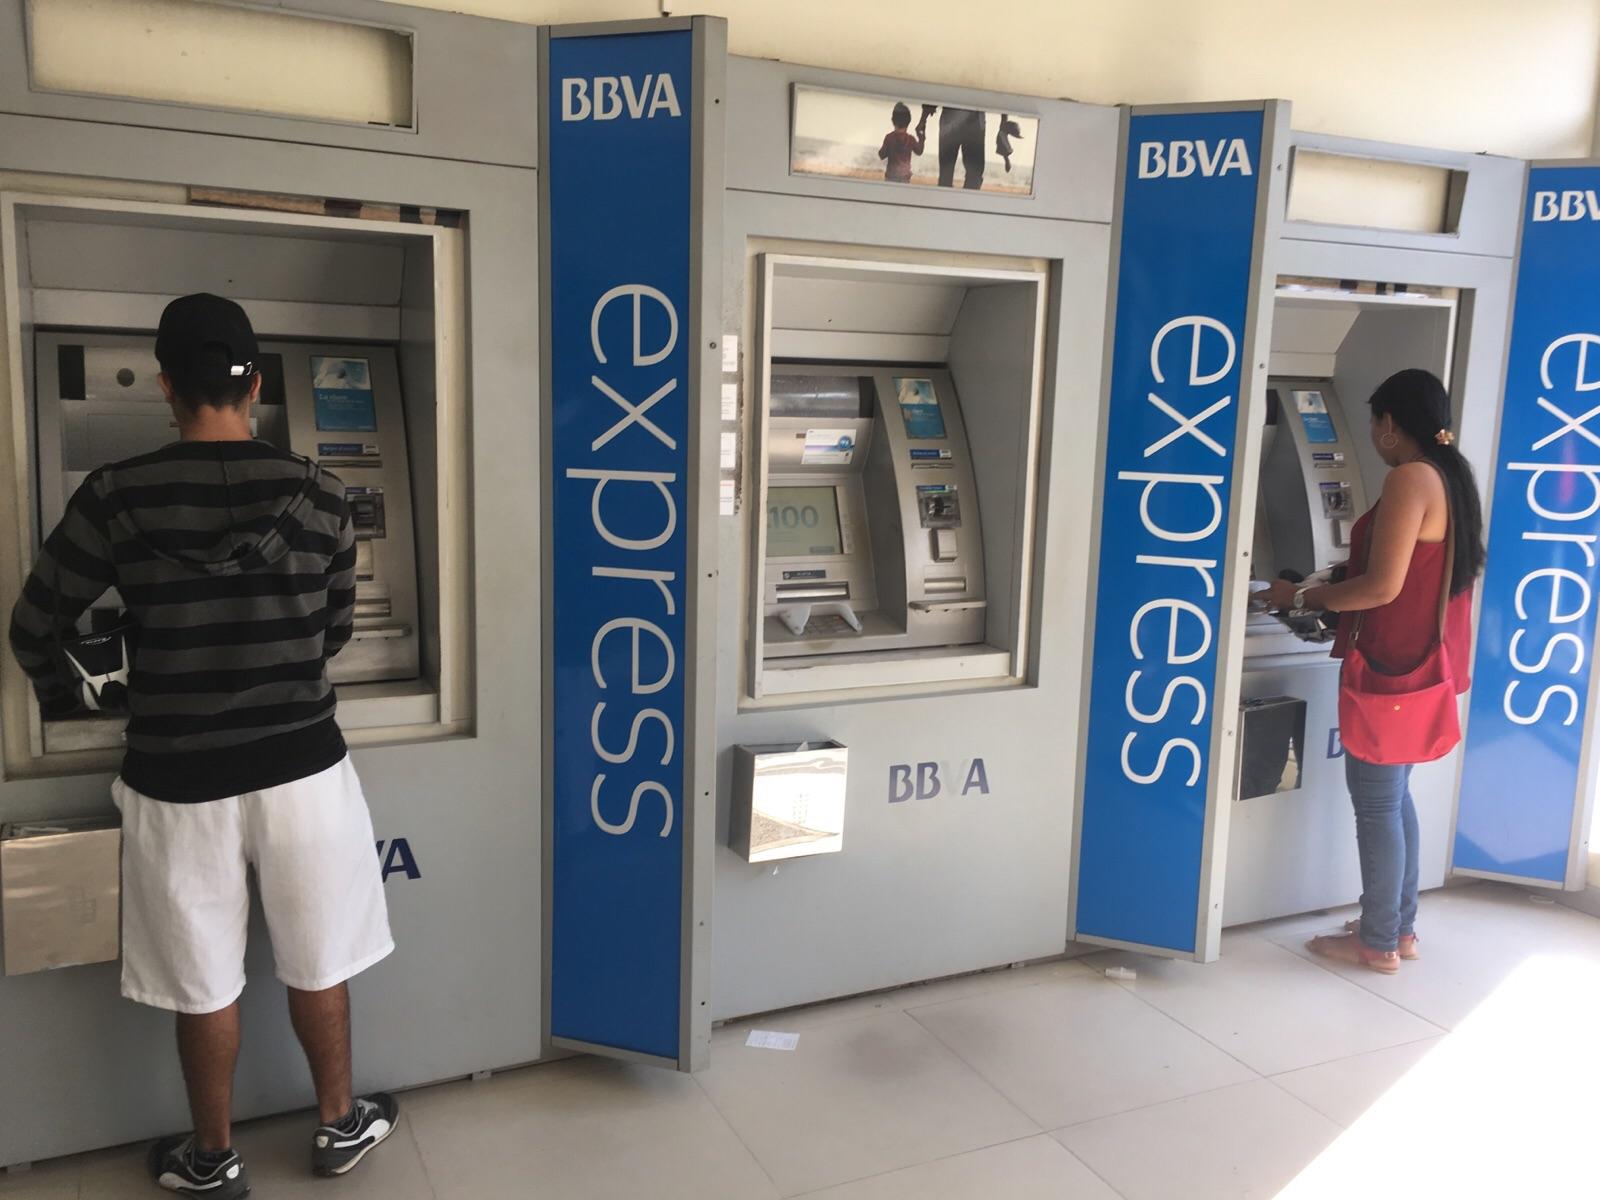 Millonario robo frente al banco BBVA. Ladrones armados interceptaron a pareja y les quitaron 40 millones de pesos